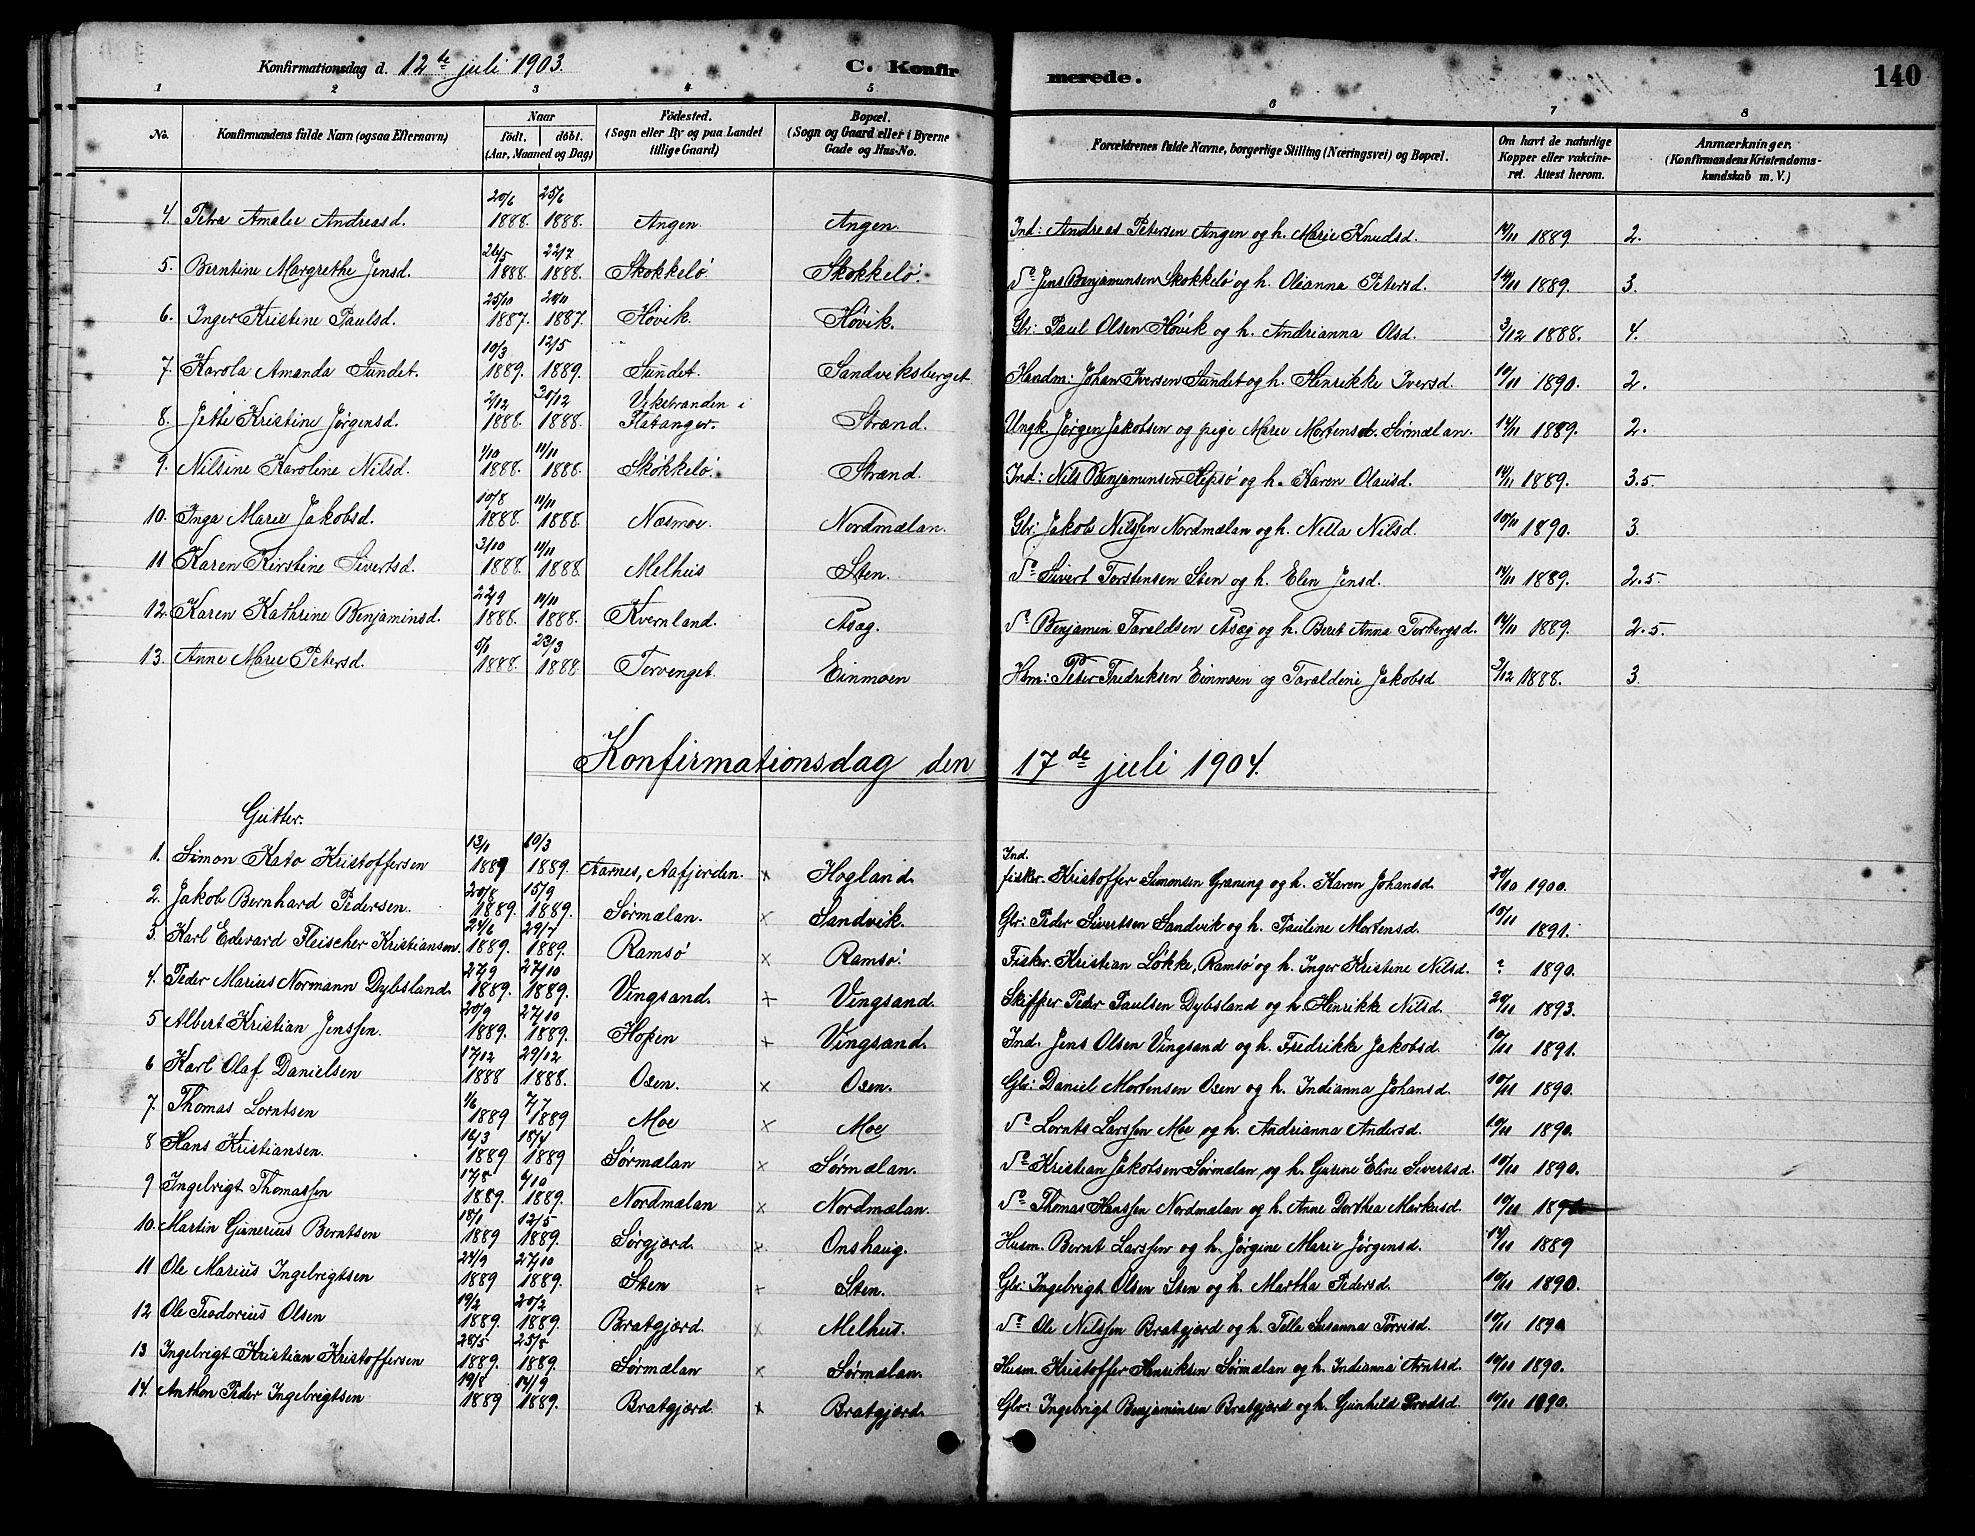 SAT, Ministerialprotokoller, klokkerbøker og fødselsregistre - Sør-Trøndelag, 658/L0726: Klokkerbok nr. 658C02, 1883-1908, s. 140